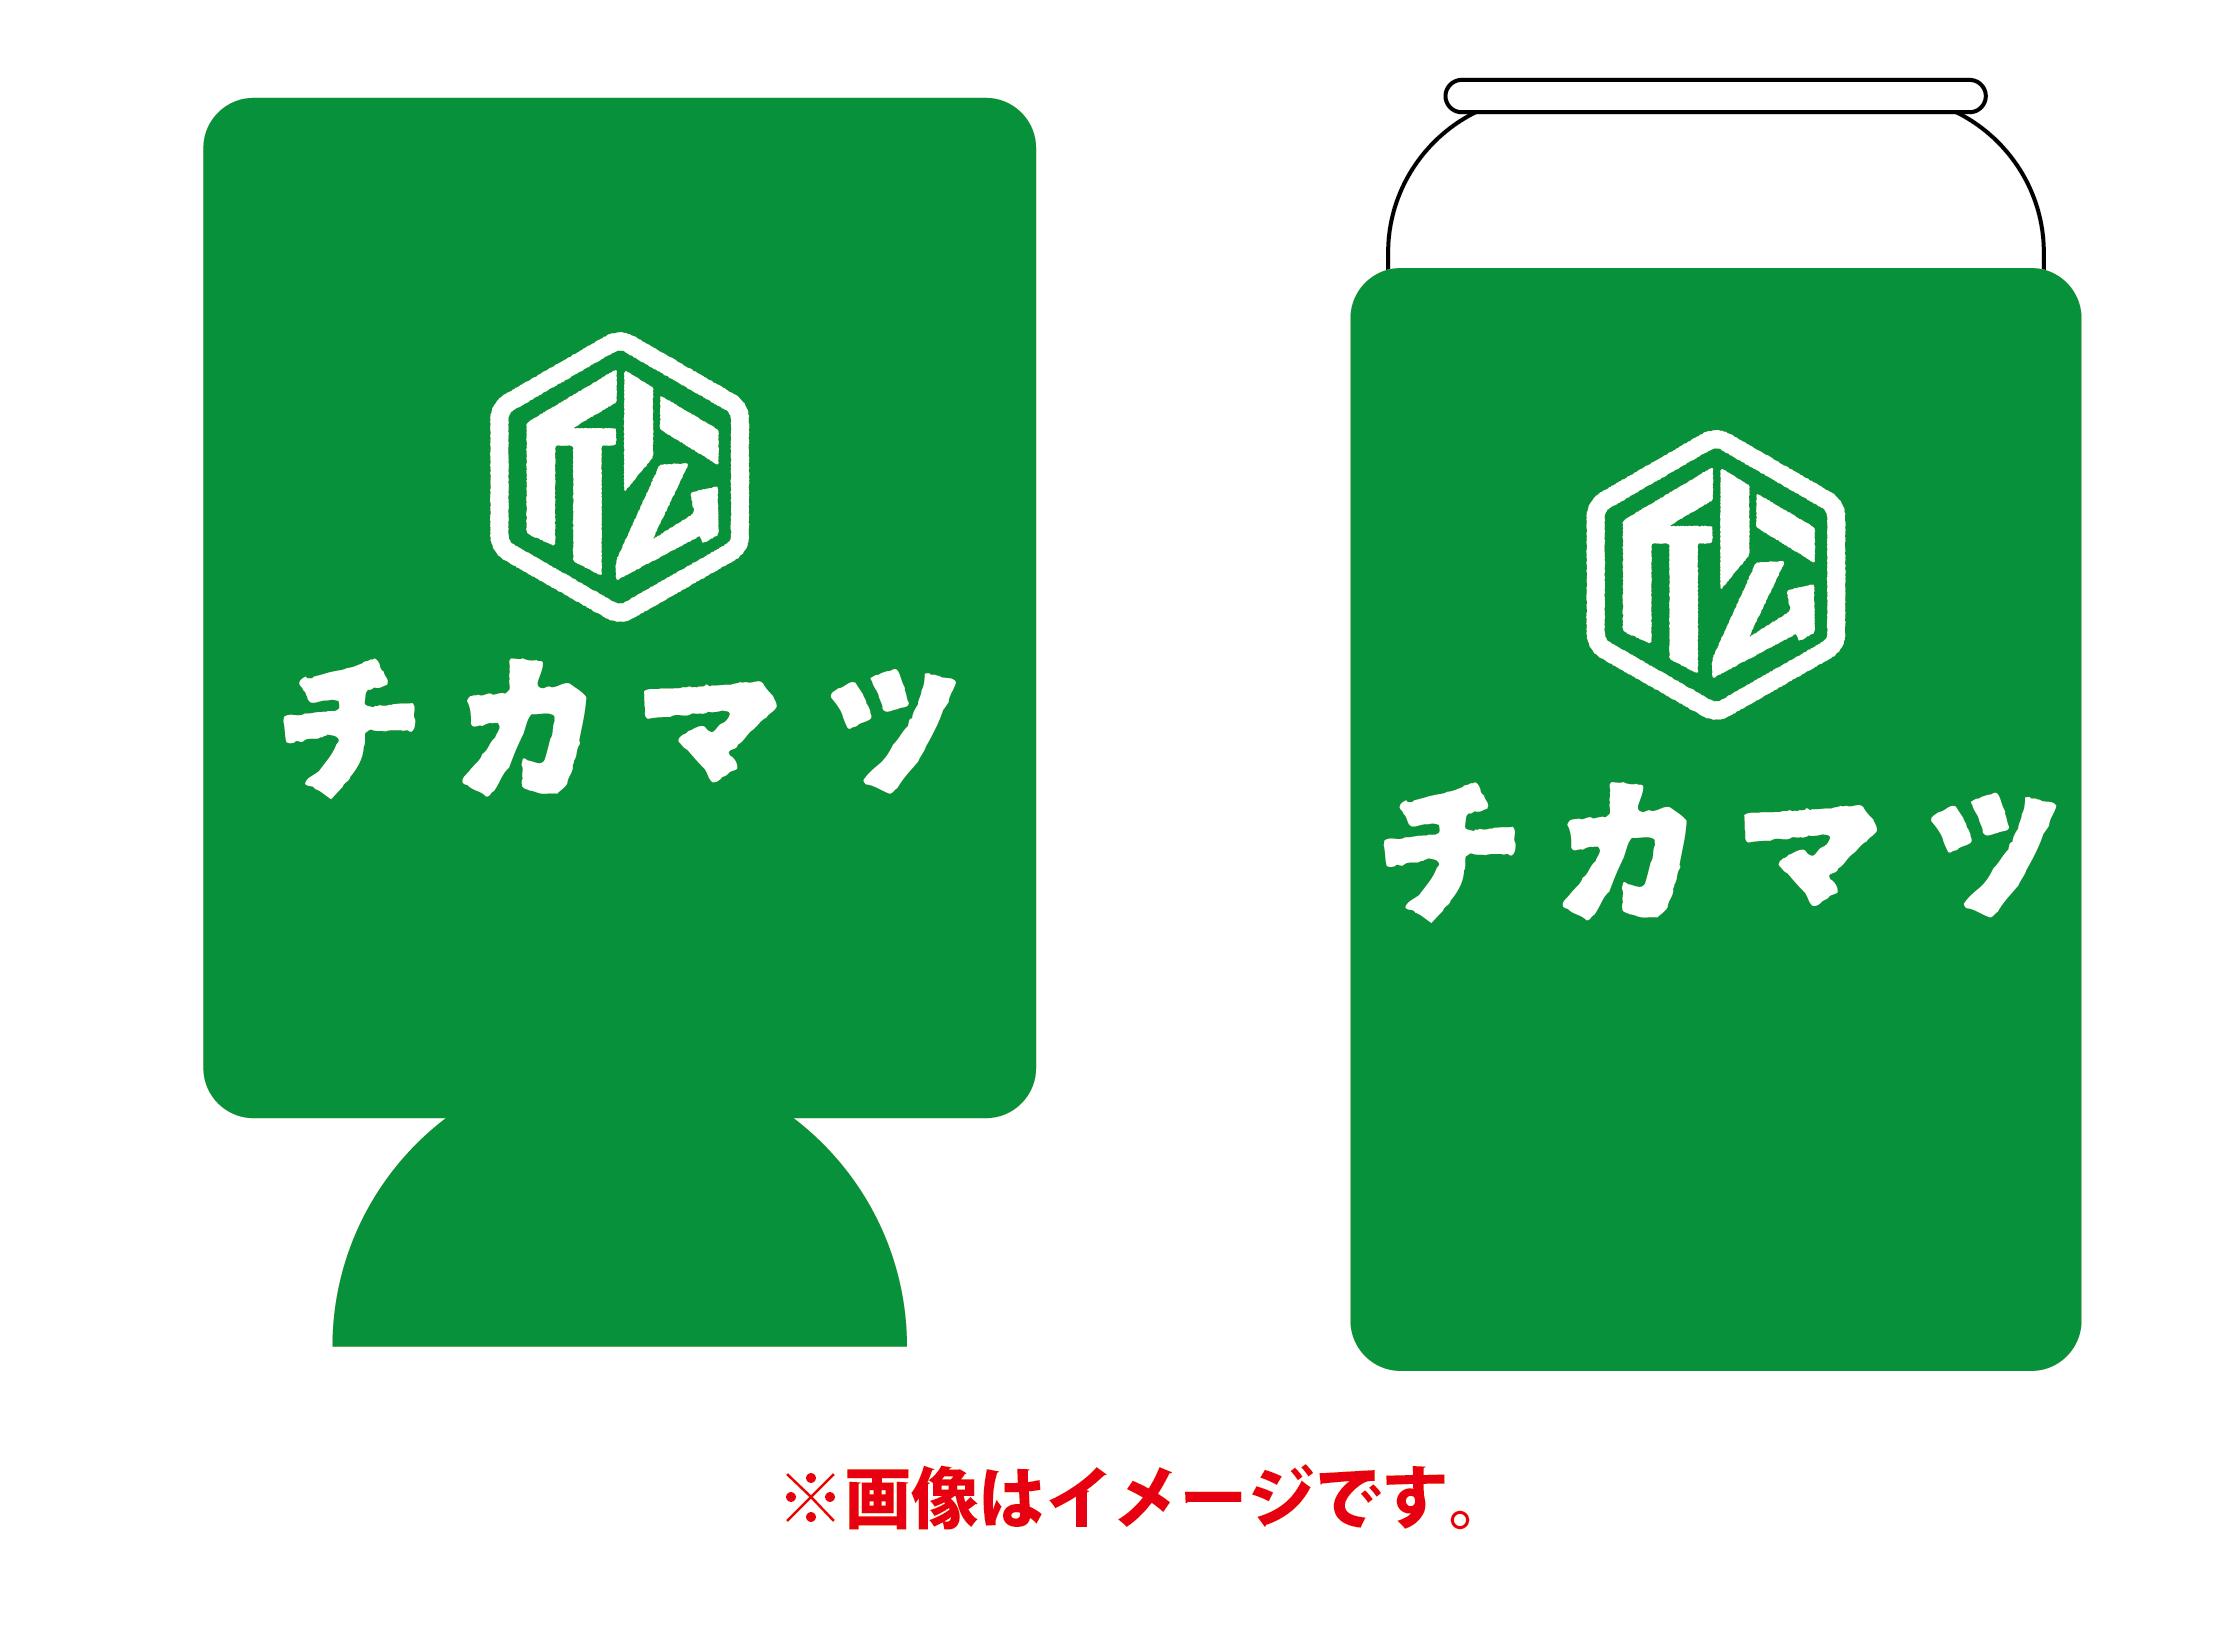 【近松オリジナルクージープラン】